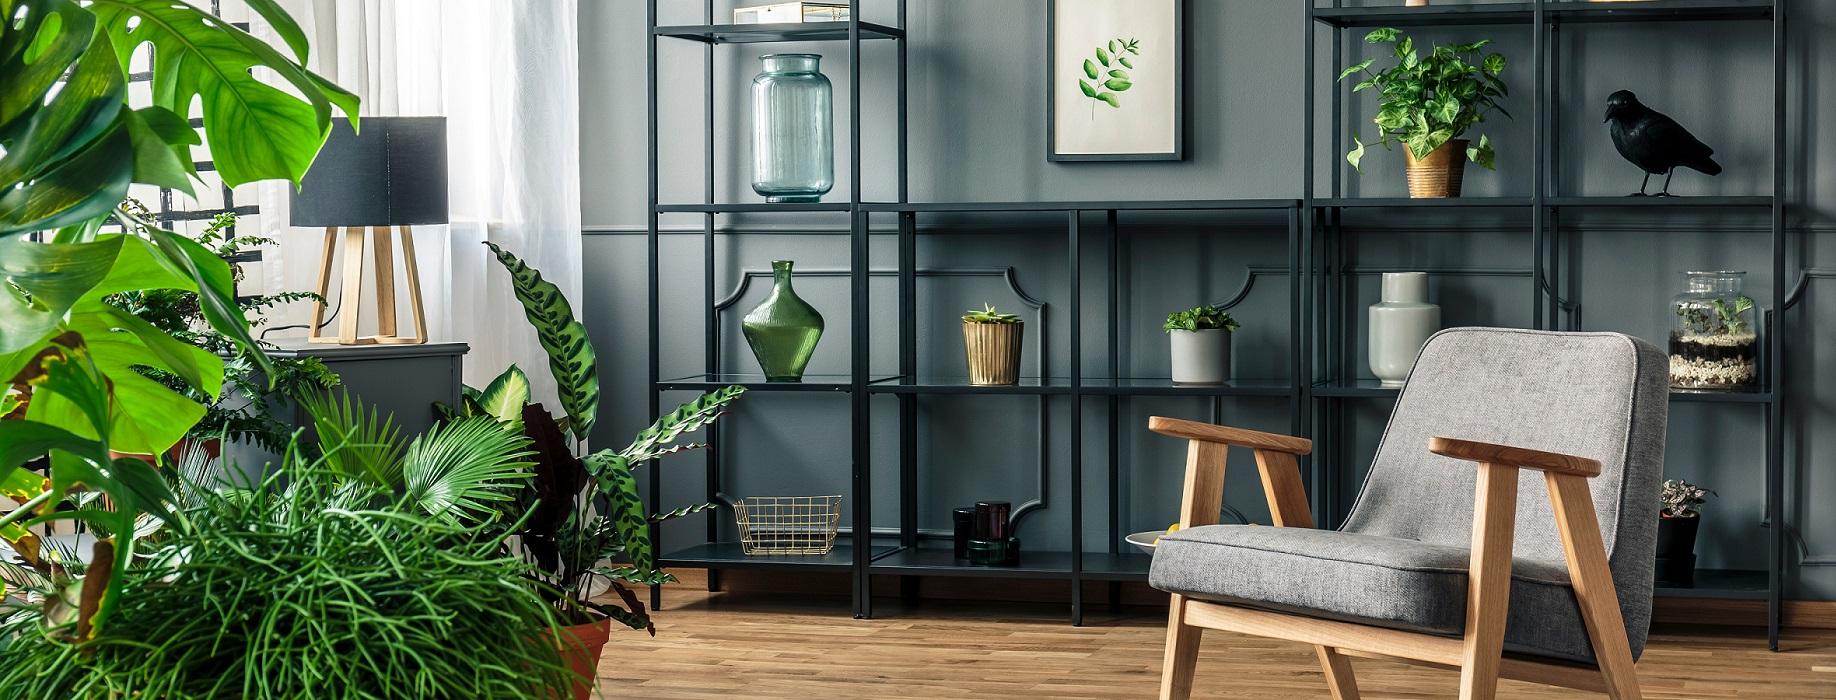 roślinna aranżacja w salonie